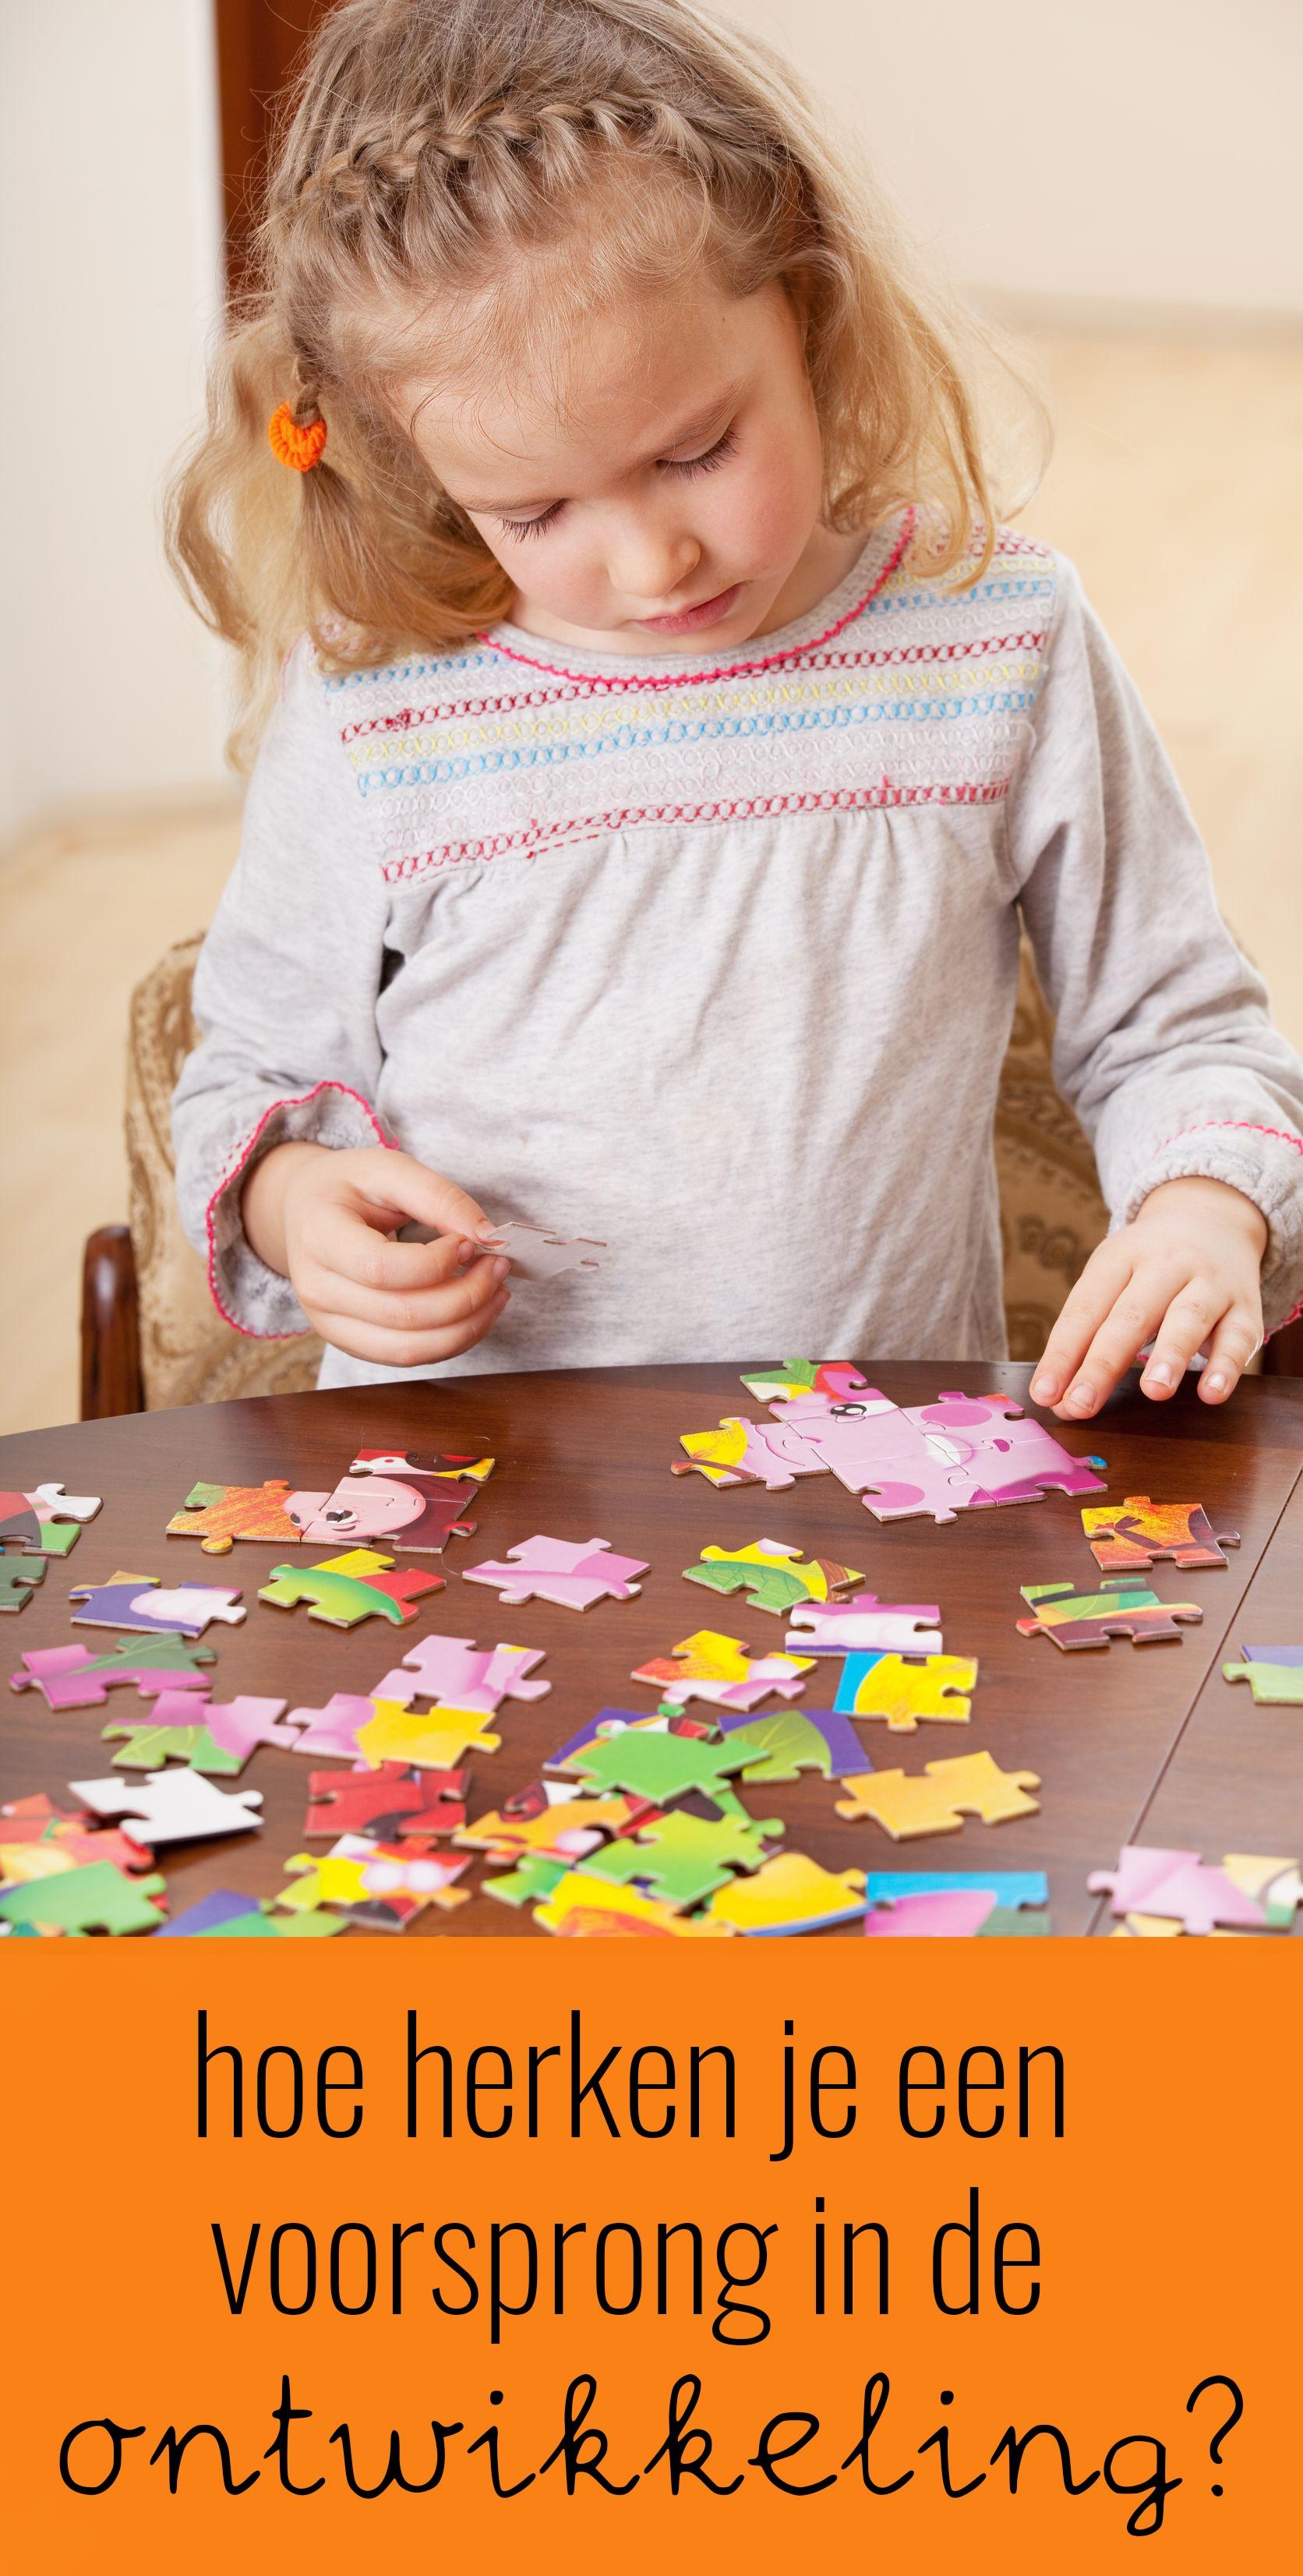 Hoe herken je een ontwikkelingsvoorsprong bij jonge kinderen?